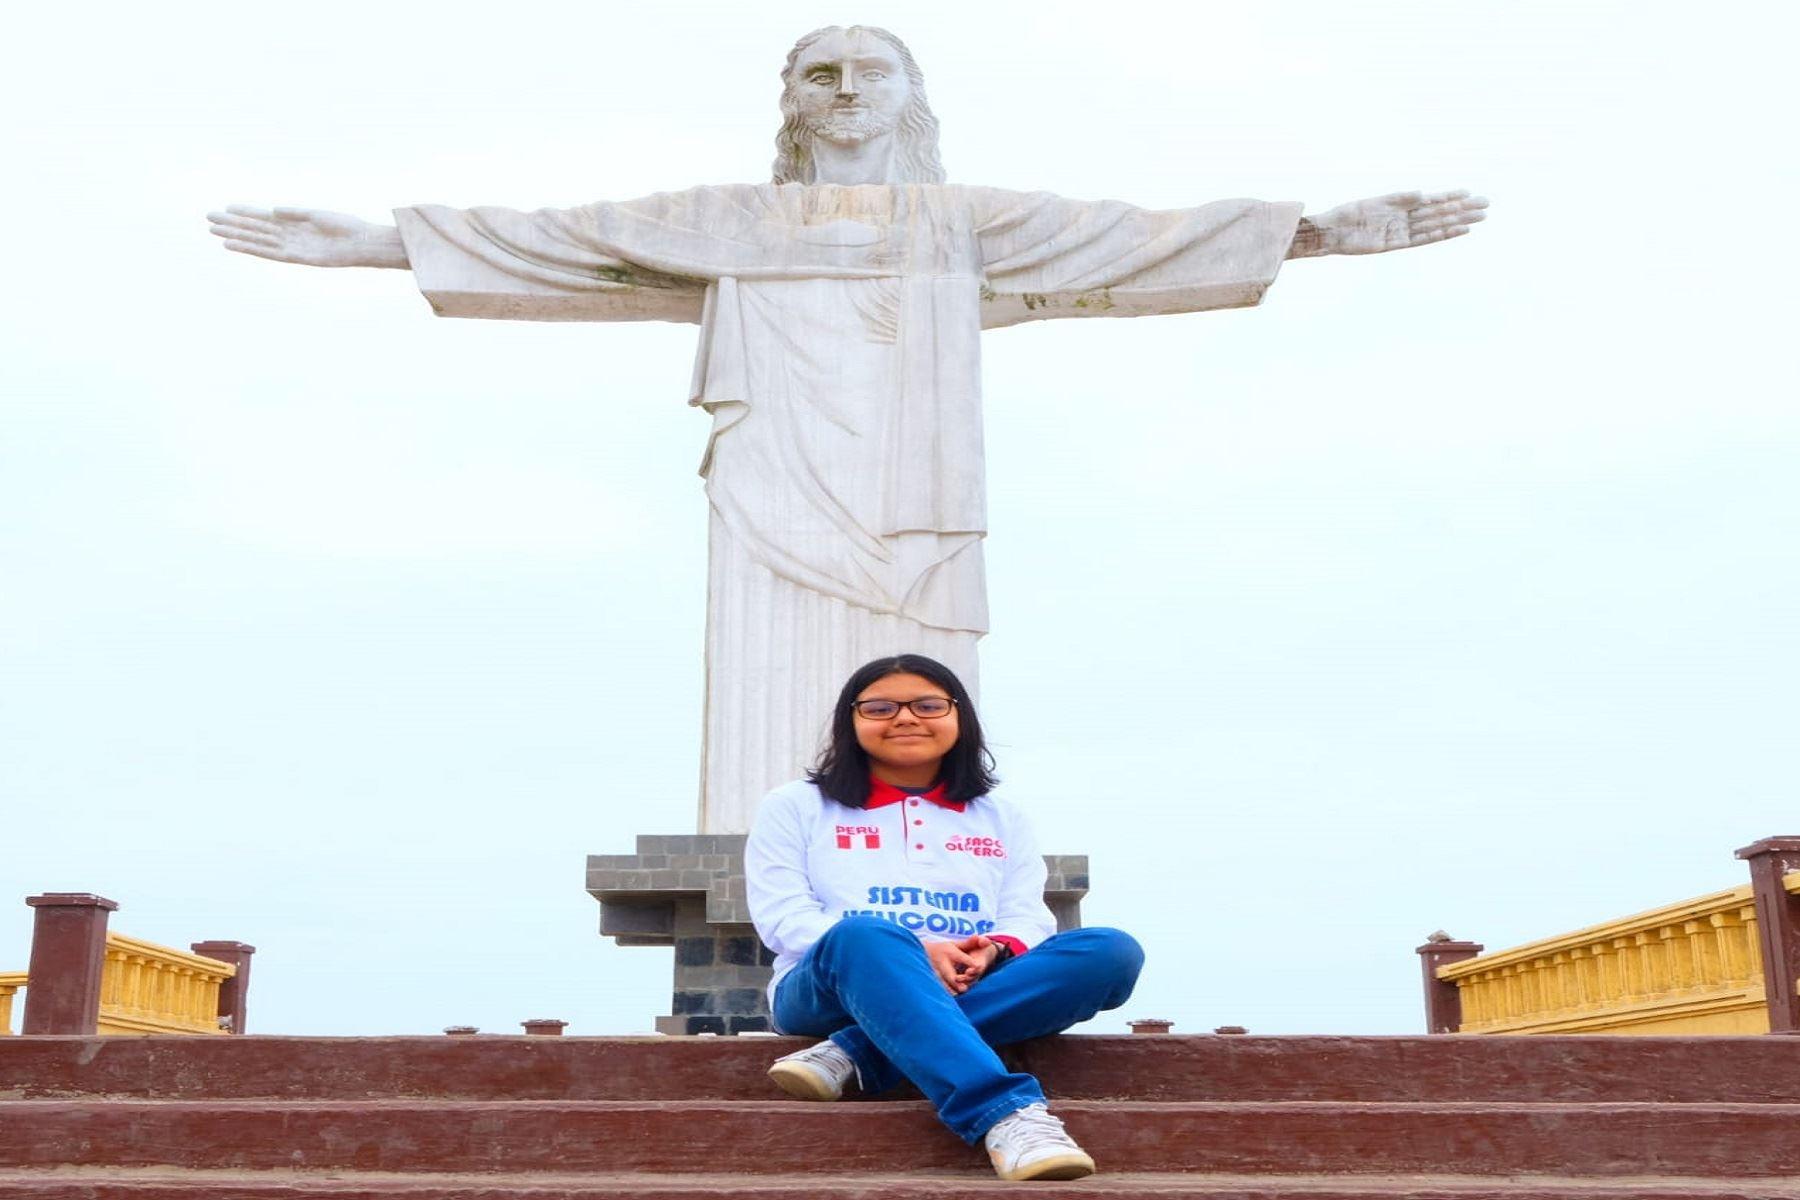 """Angie Alcántara: """"Imagino un futuro compartiendo mis enseñanzas con los jóvenes del país"""". Foto: Difusión"""